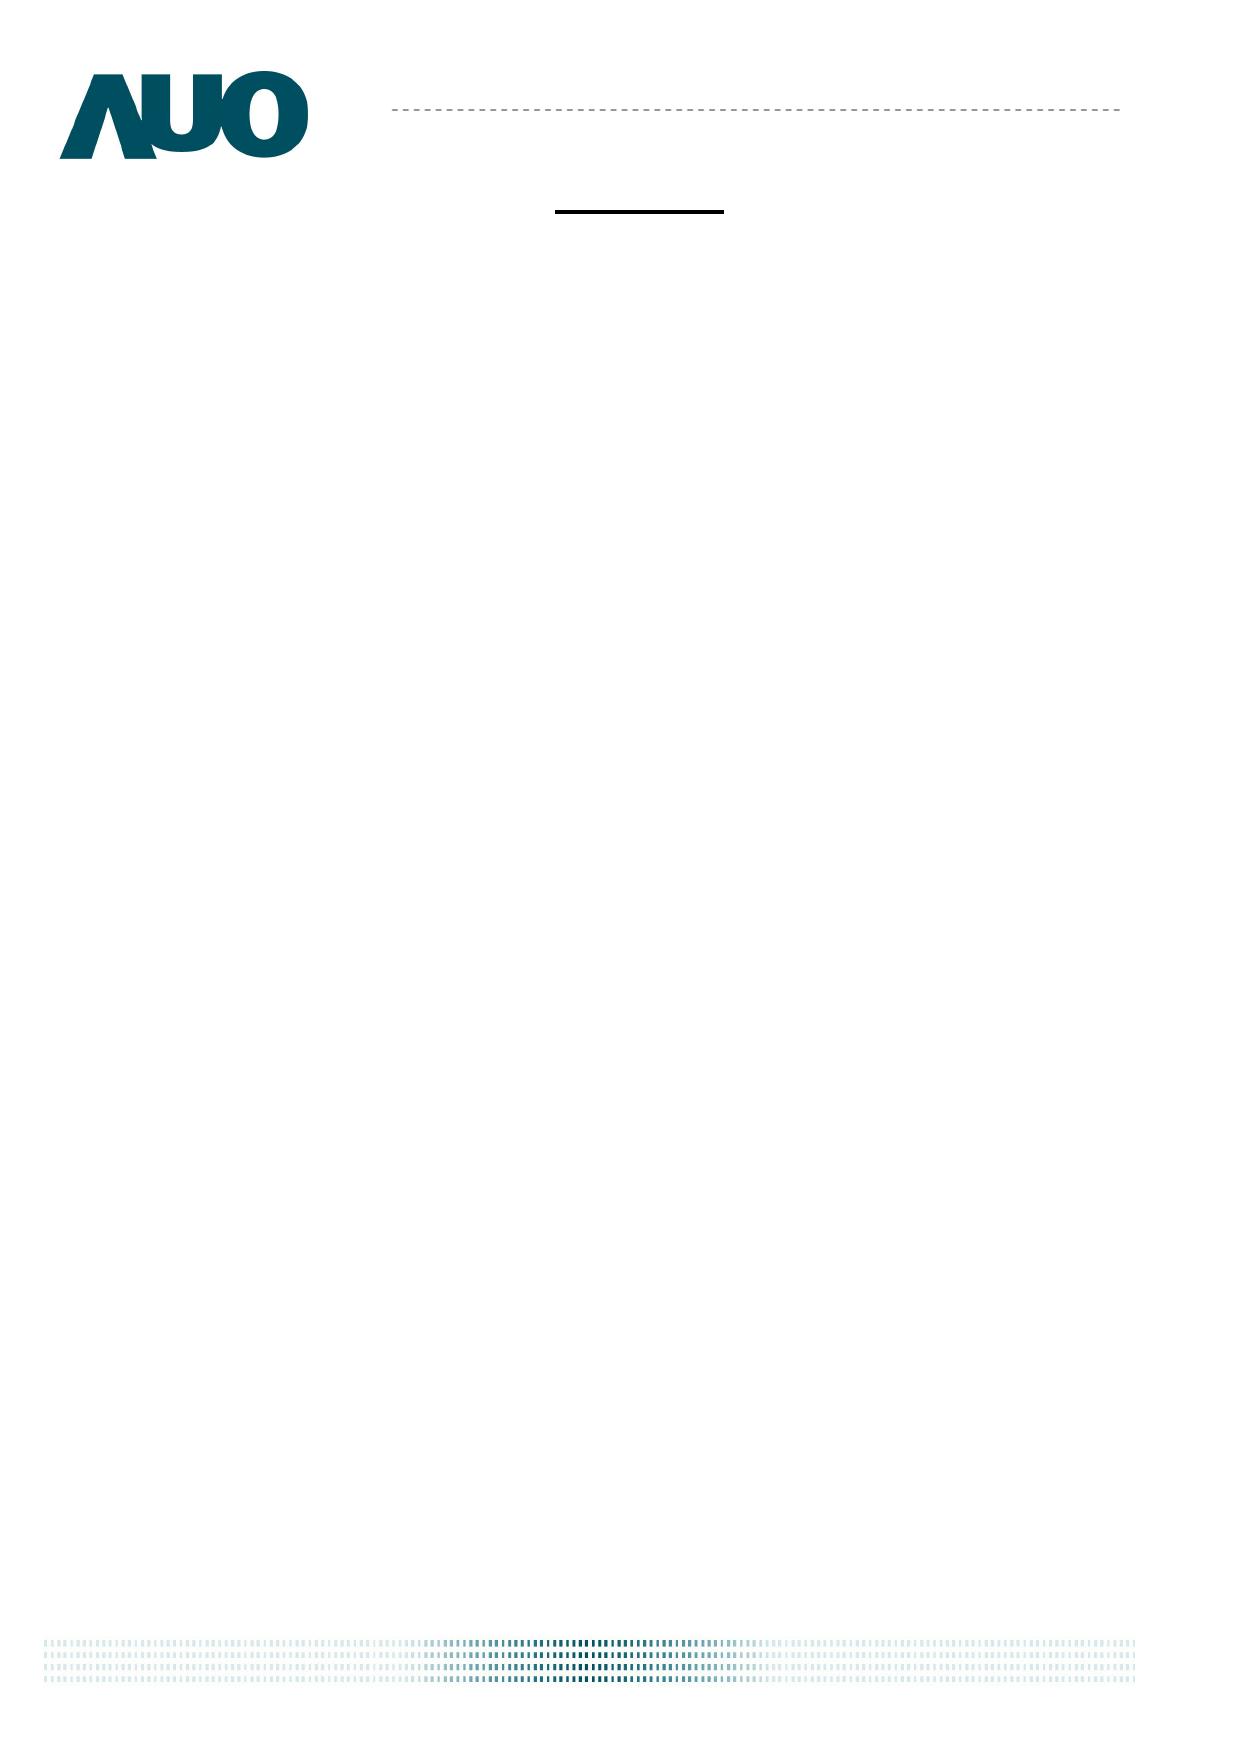 G057VN01-V0 Даташит, Описание, Даташиты